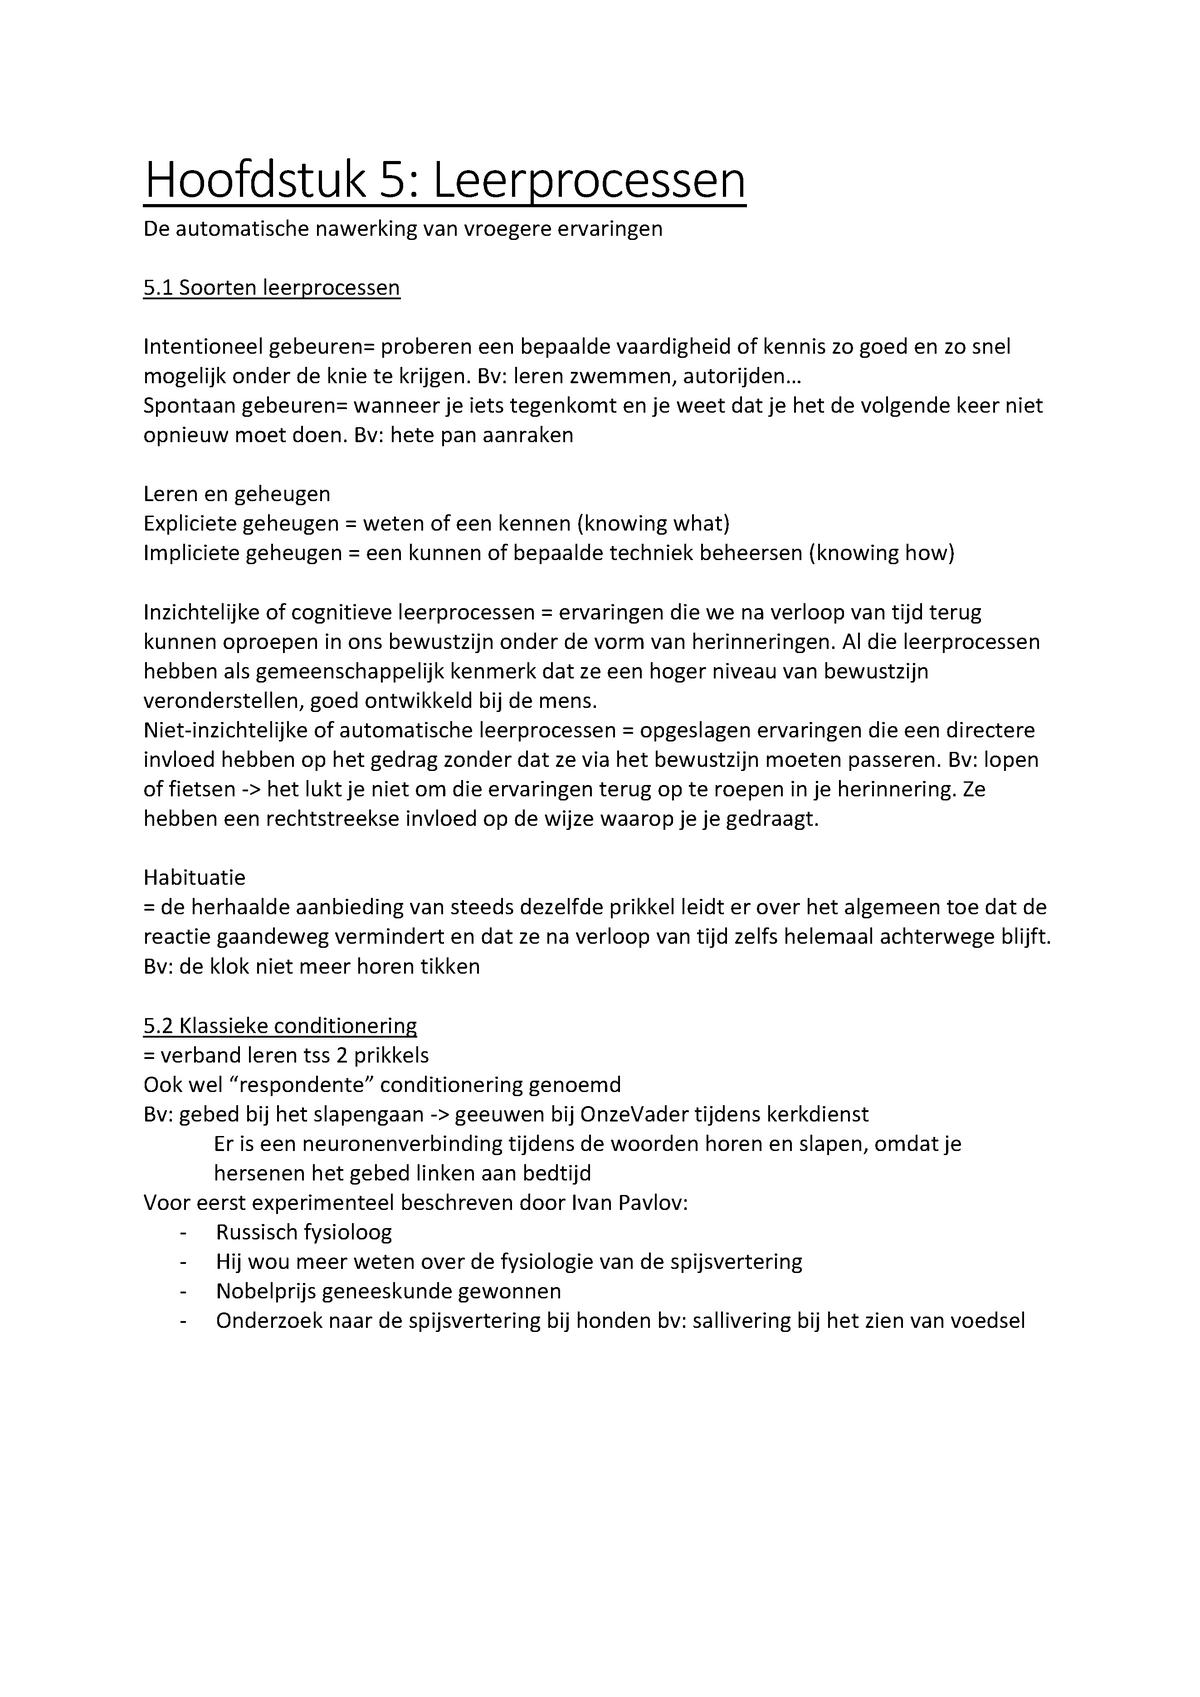 Algemene Psychologie H5 V3g301 Vives Studocu